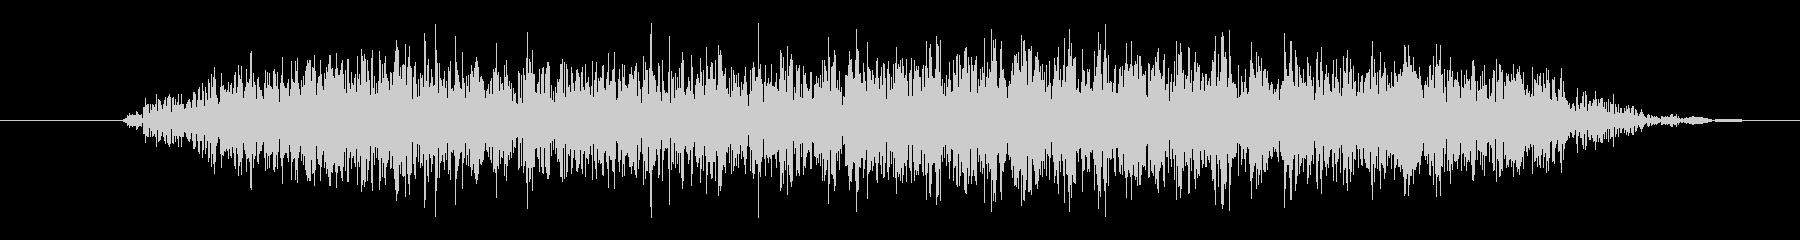 大クリーチャー:低いうなり声の未再生の波形